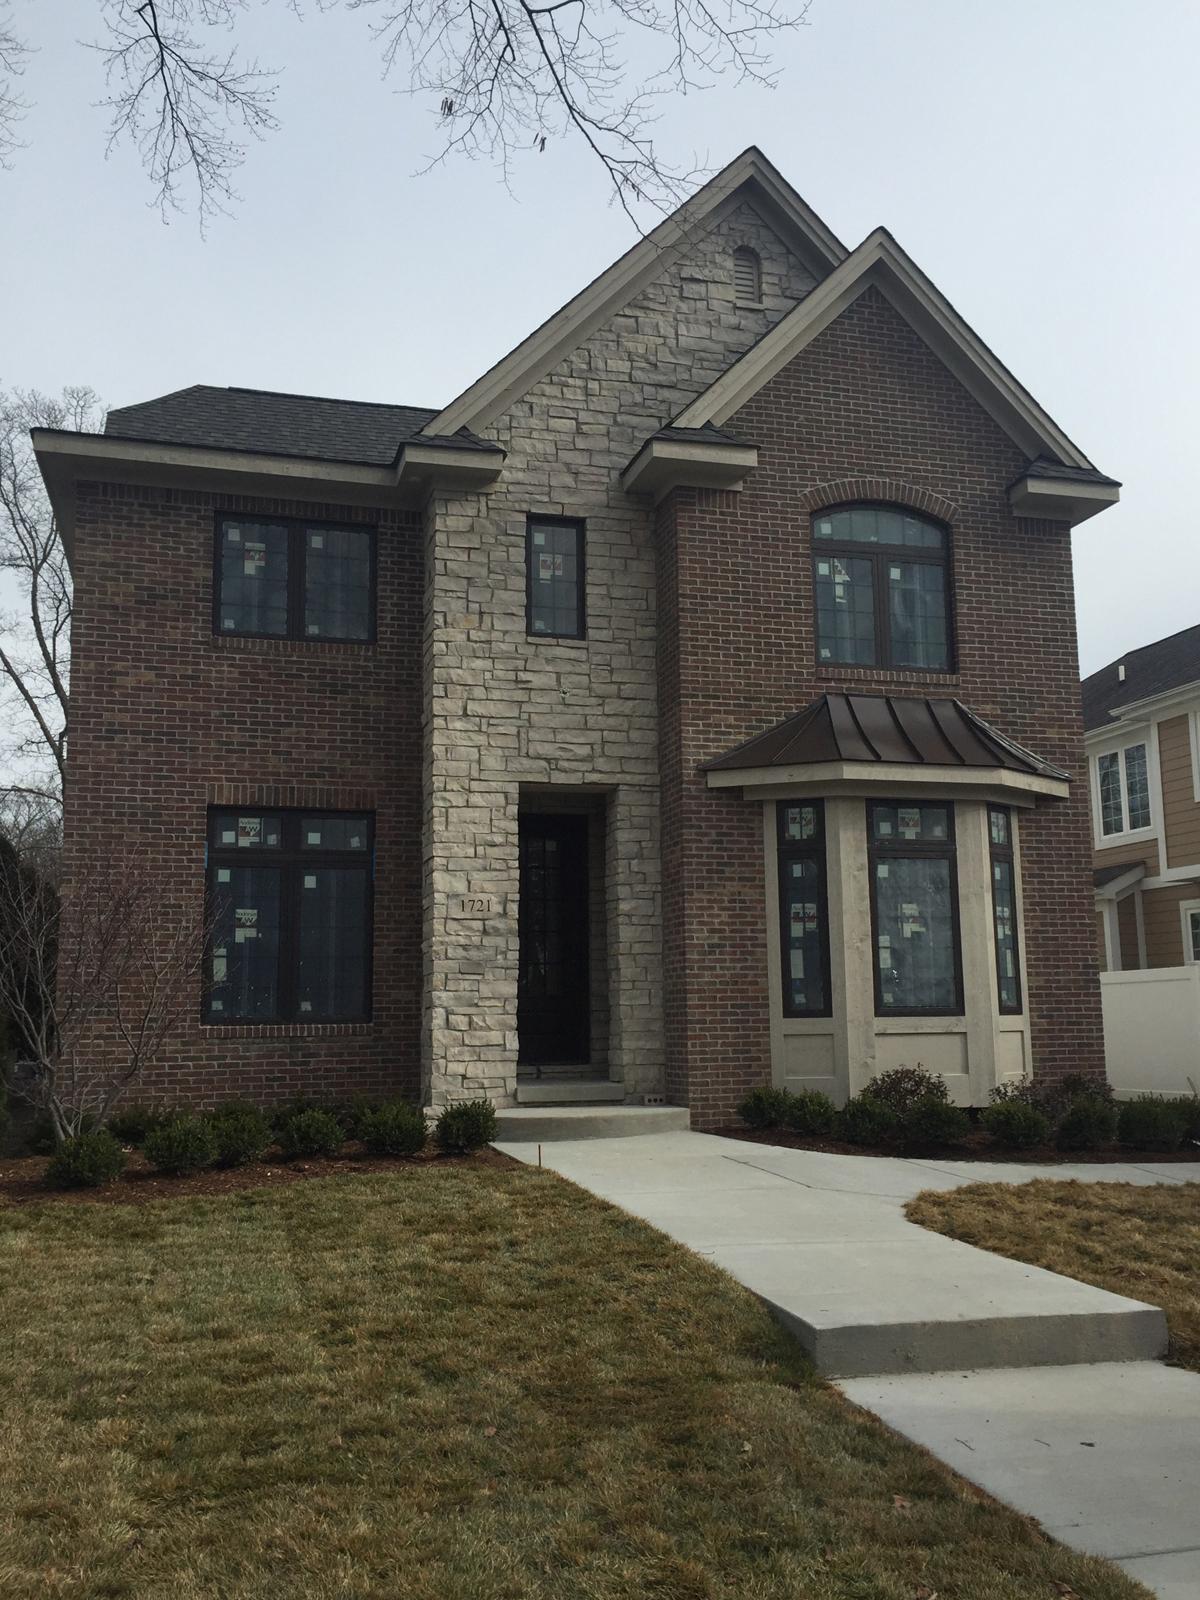 独户住宅 为 销售 在 Birmingham 1721 Stanley Blvd 伯明翰, 密歇根州, 48009 美国